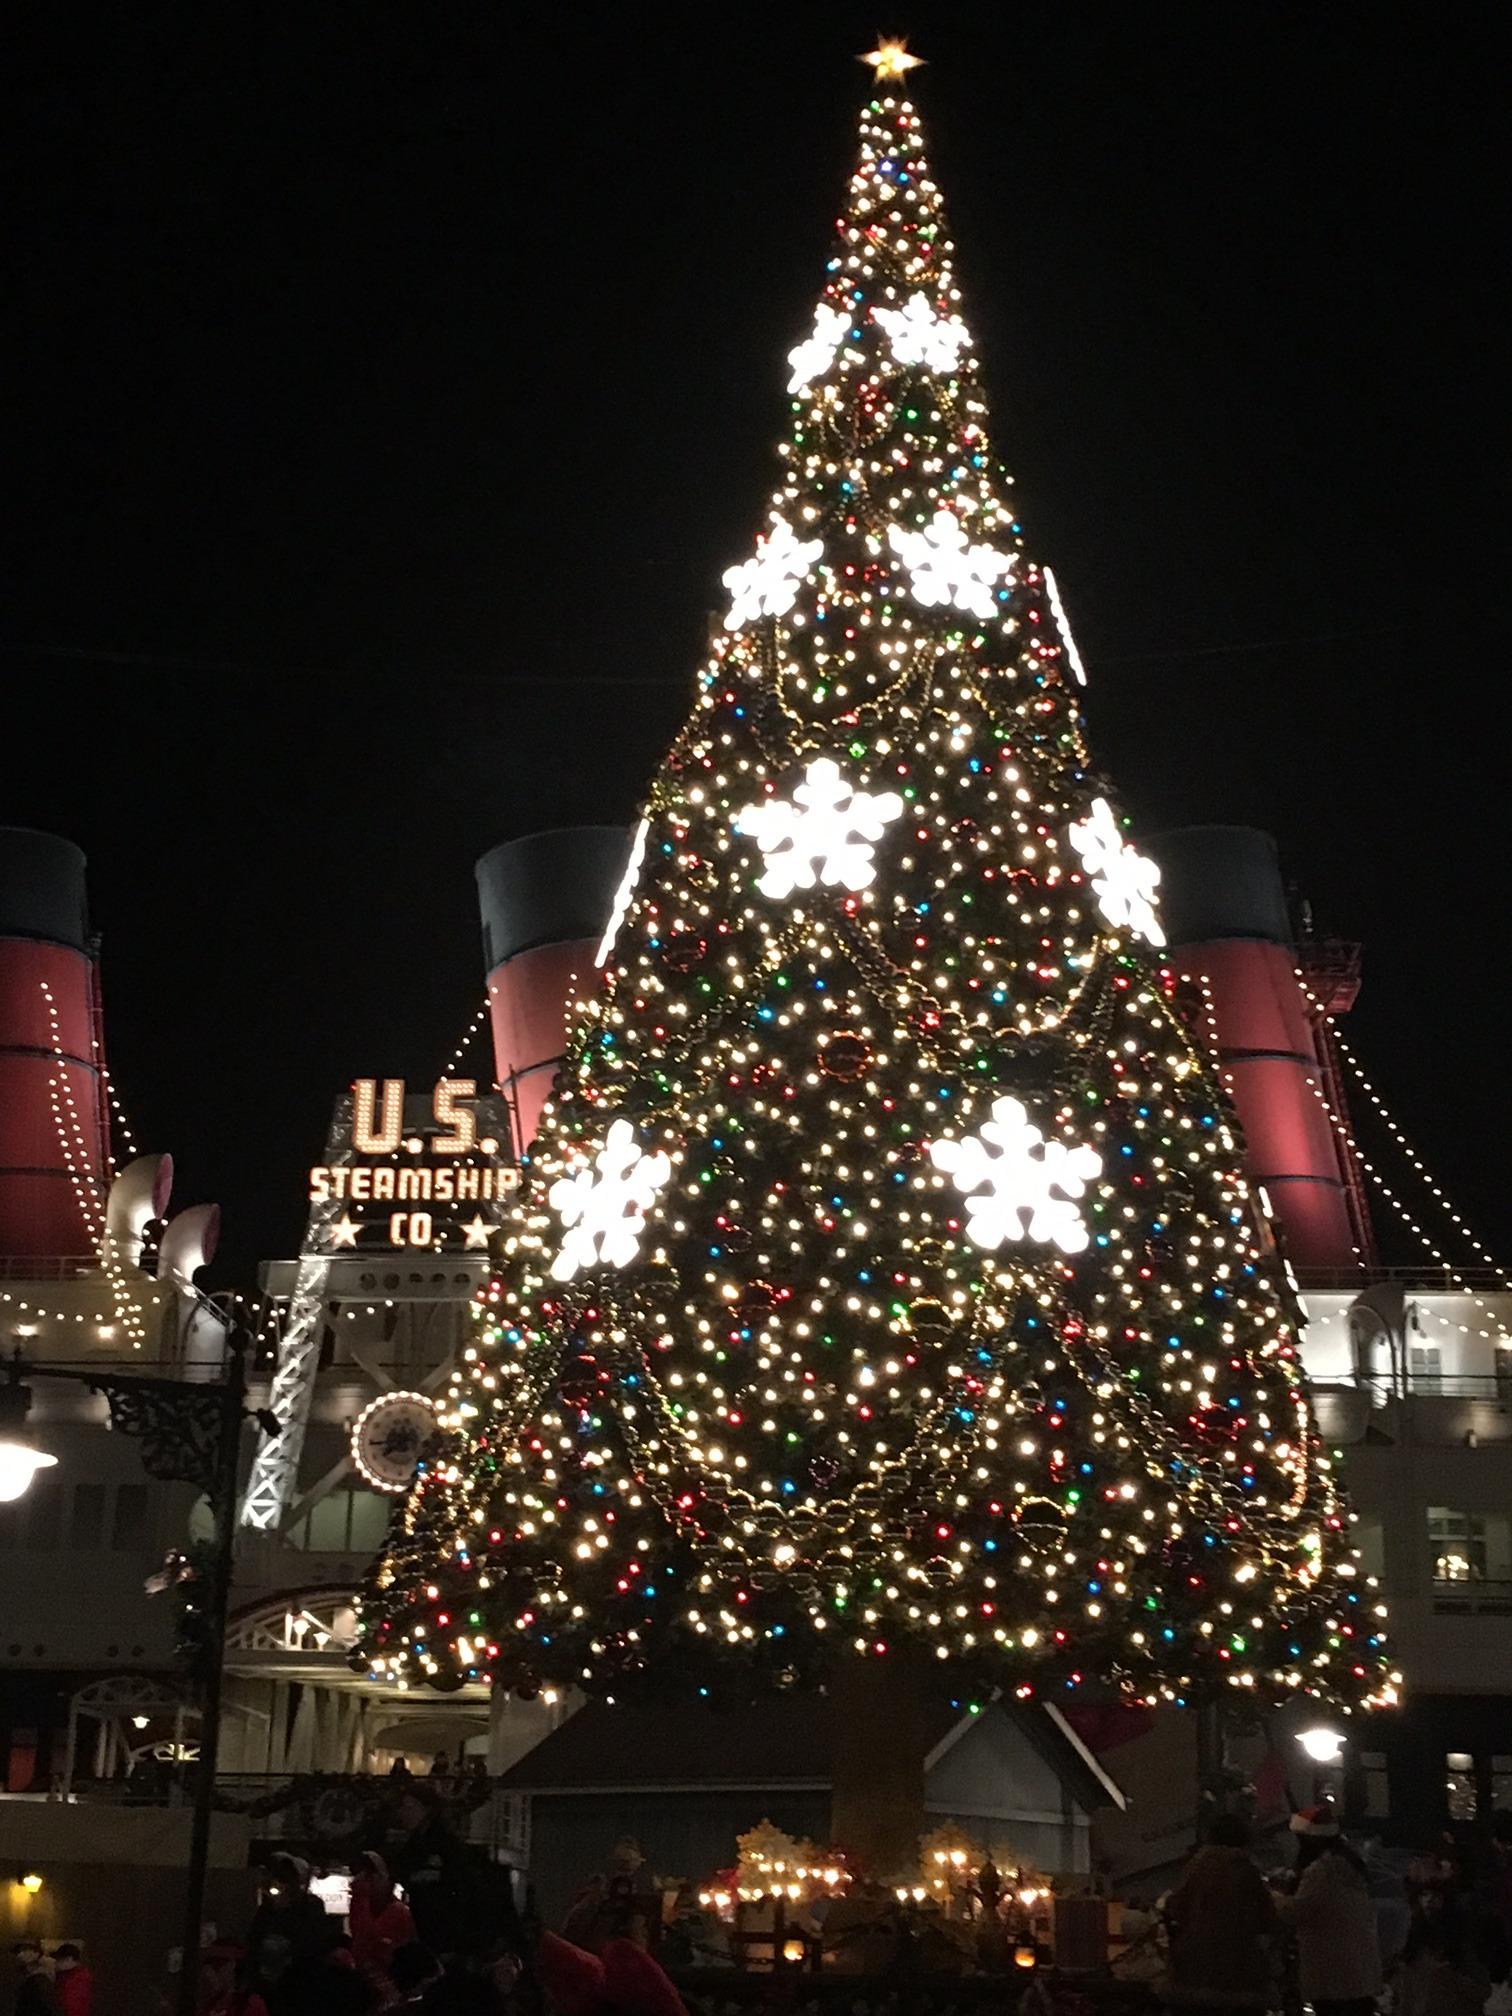 ディズニーのクリスマスツリー セイヴィアン武久の休日